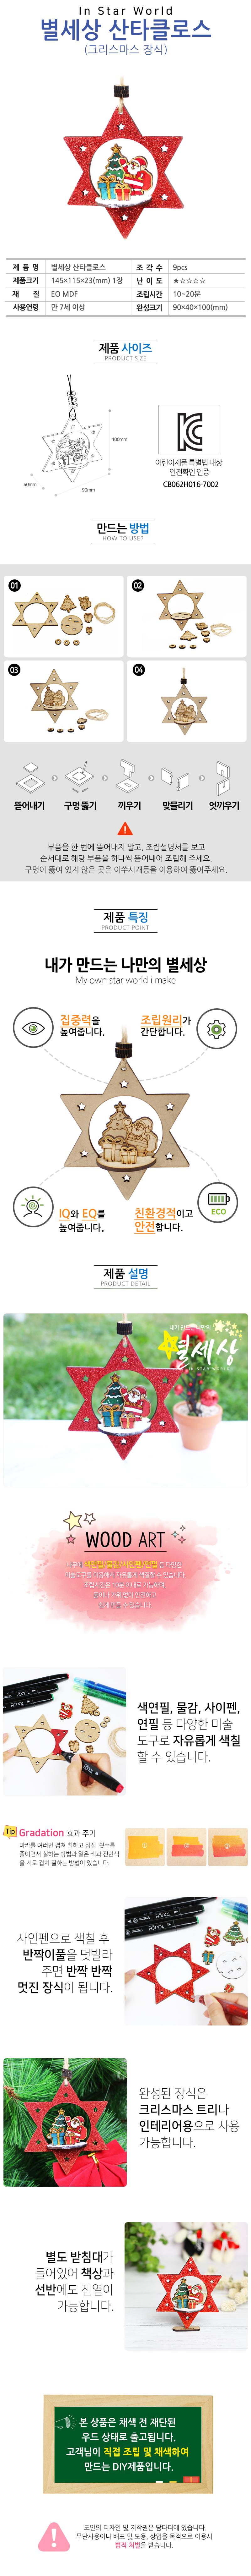 별세상 산타클로스 만들기 (크리스마스 장식) - 모또, 4,000원, 미니어처 DIY, 미니어처 만들기 패키지